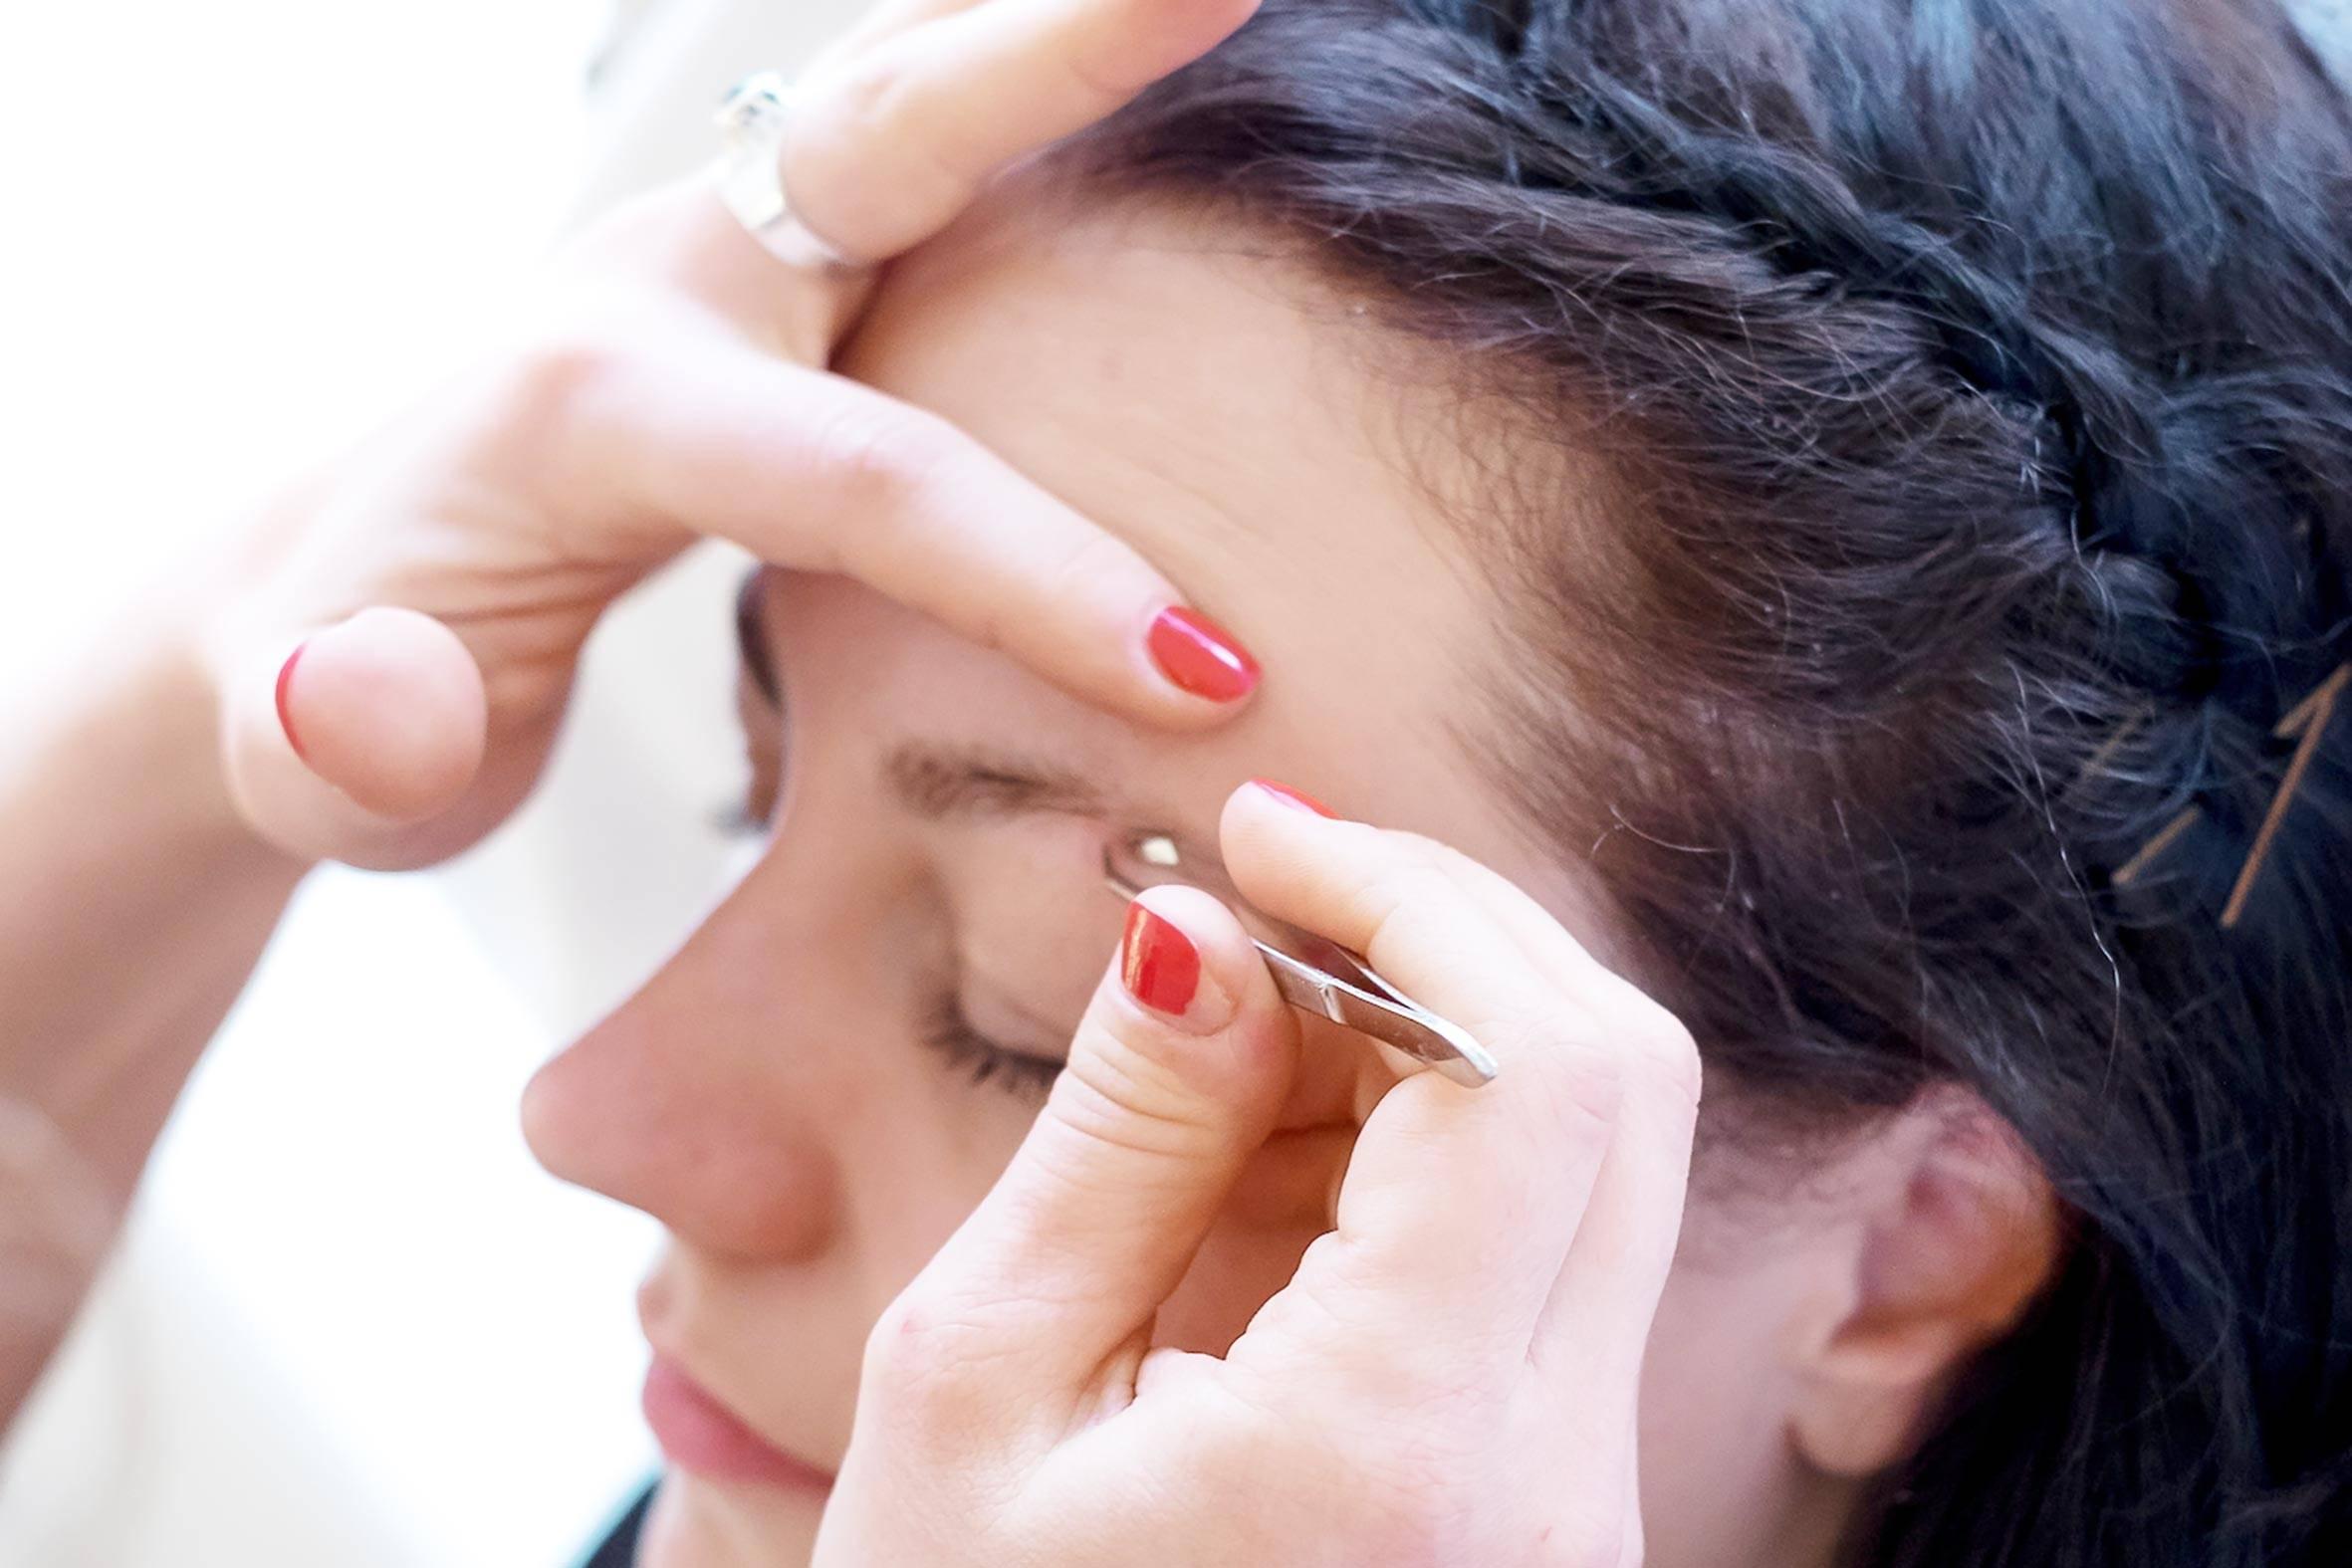 wild wuchernde augenbrauen? unsere kosmetikerin kümmert sich um dein augenbrauen neustyling!